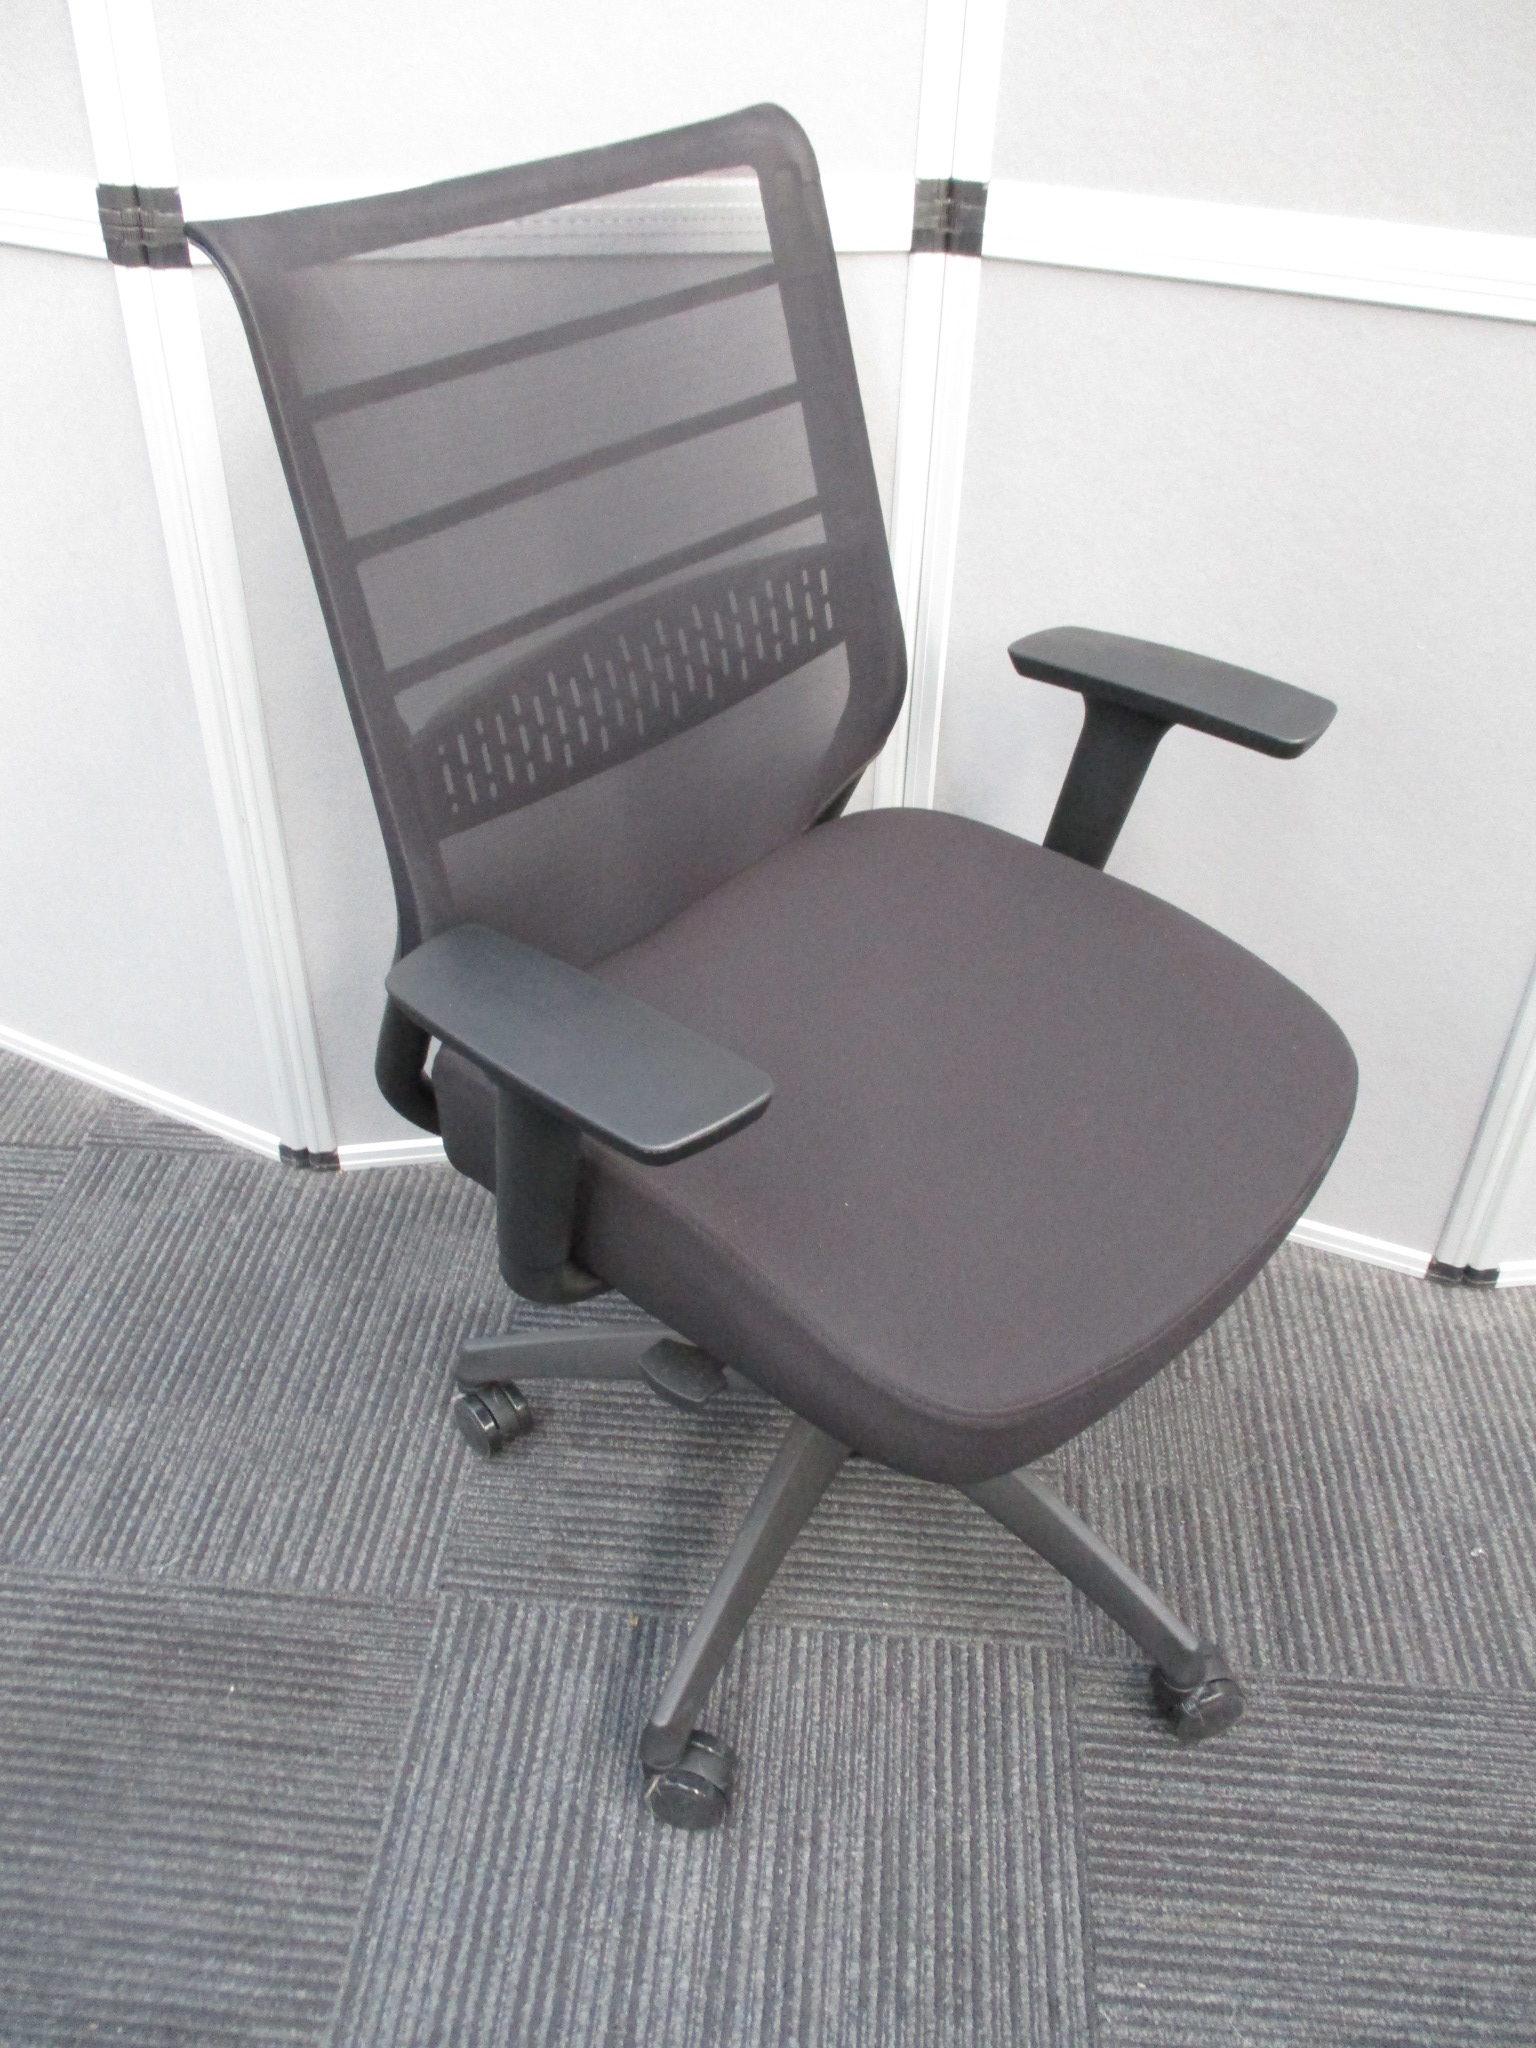 New Onyx Mesh Chairs $240